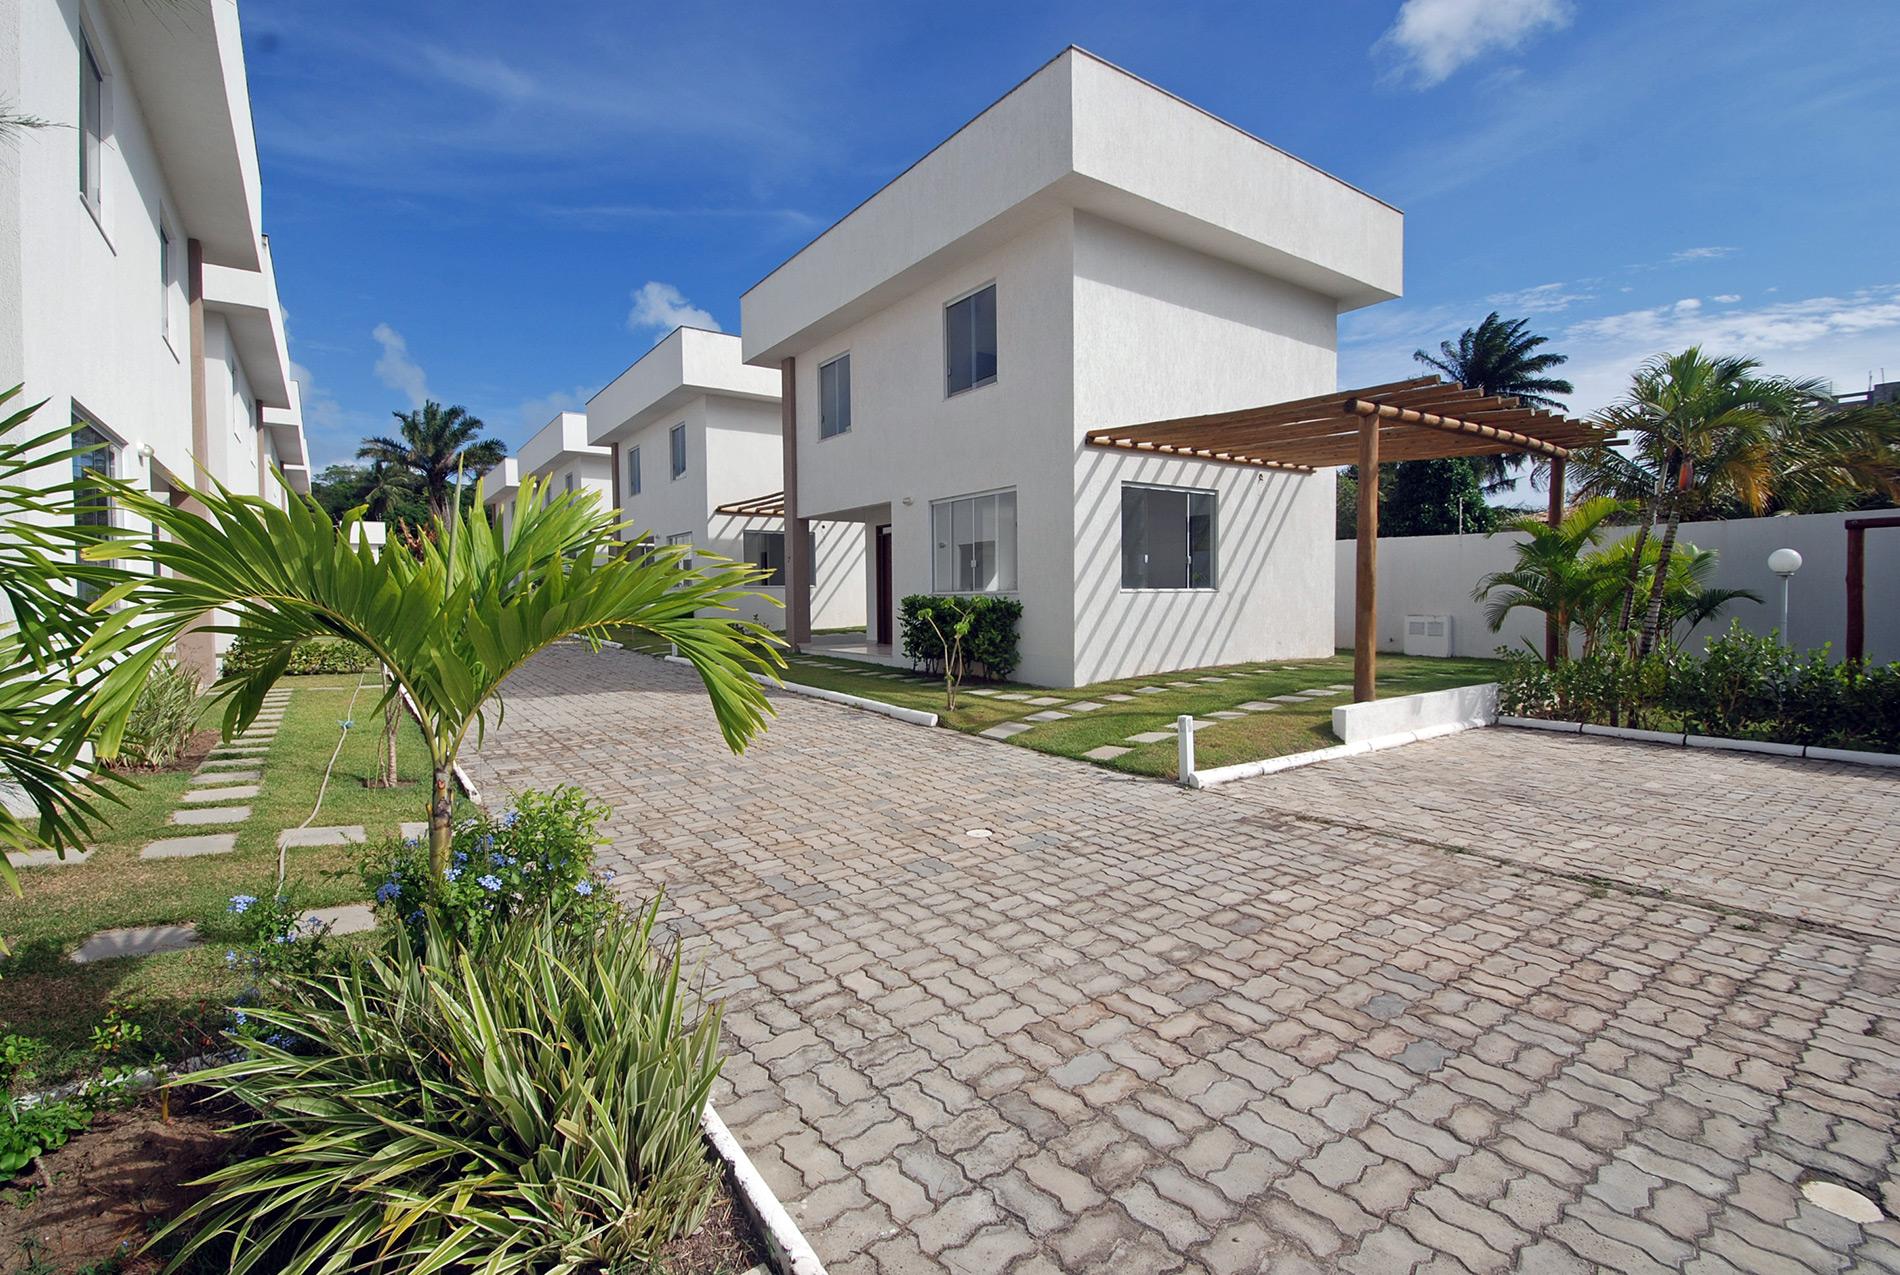 Houses for sale in condominium in Abrantes – Camaçari